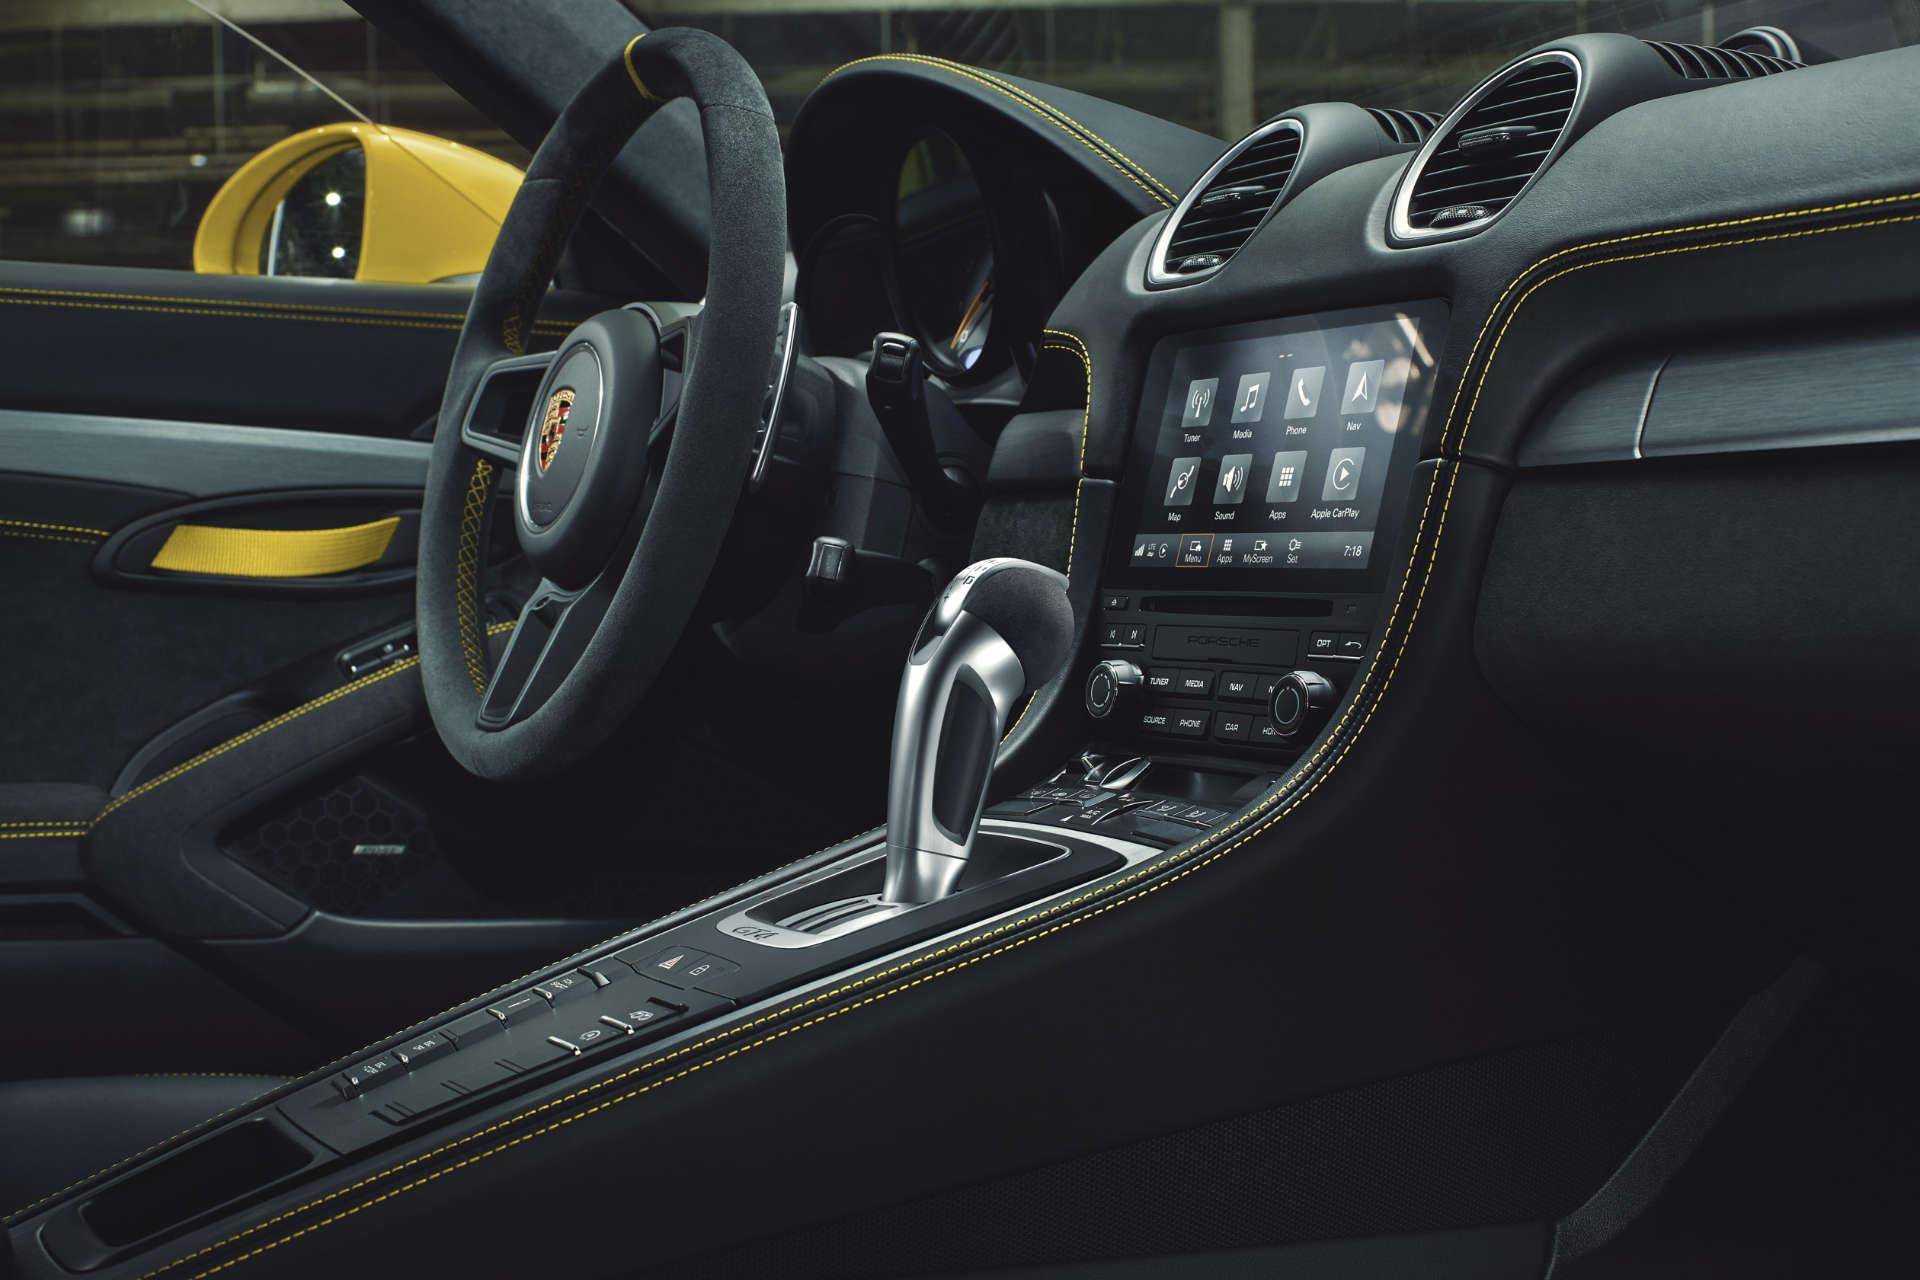 Porsche-Doppelkupplungsgetriebe 718